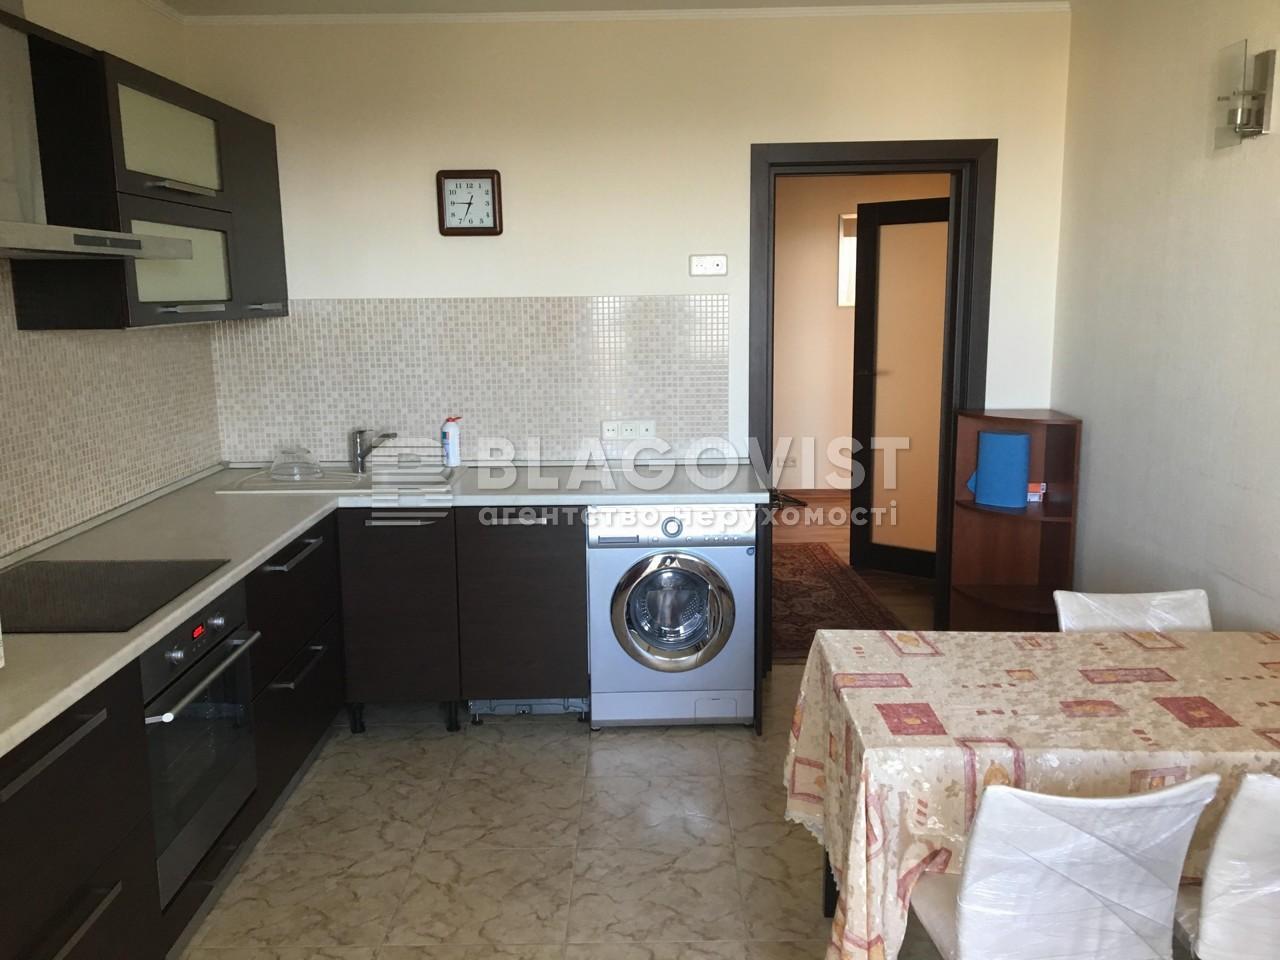 Квартира I-9105, Миропільська, 39, Київ - Фото 8